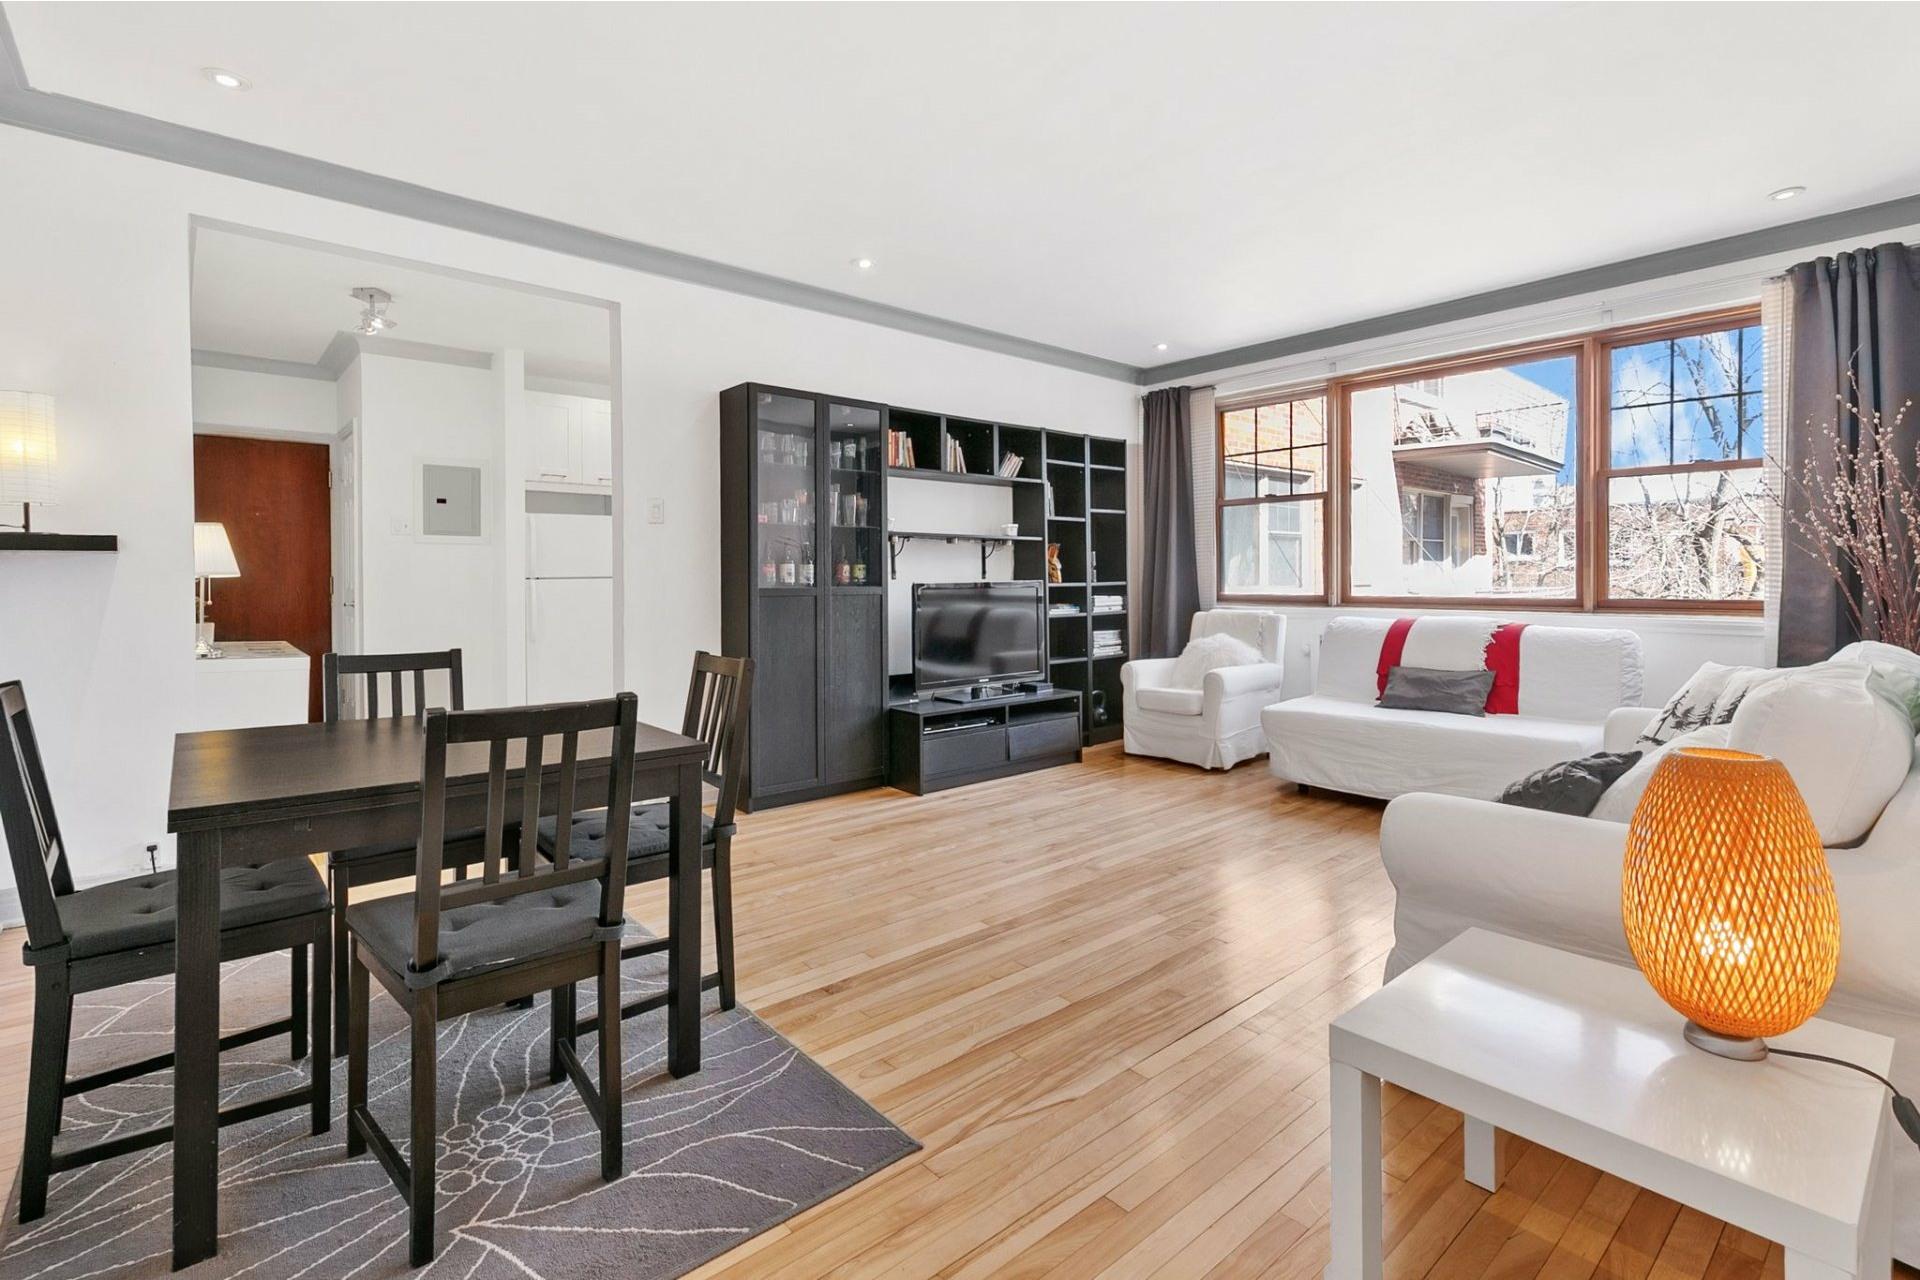 image 11 - Apartment For sale Côte-des-Neiges/Notre-Dame-de-Grâce Montréal  - 5 rooms